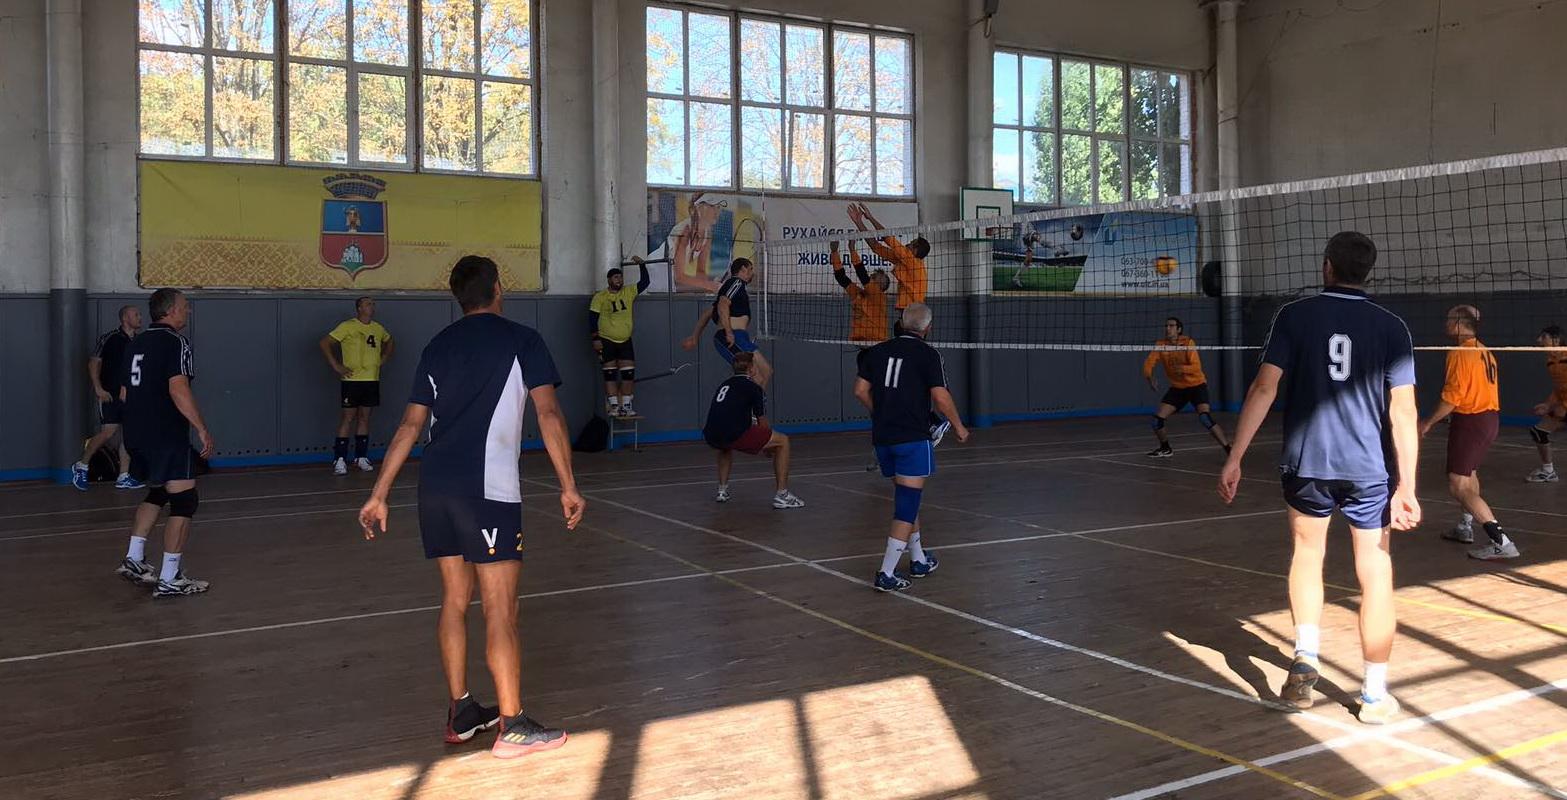 yzobrazhenye_viber_2020-02-11_16-01-08 Анонс найближчих спортивних подій у Василькові